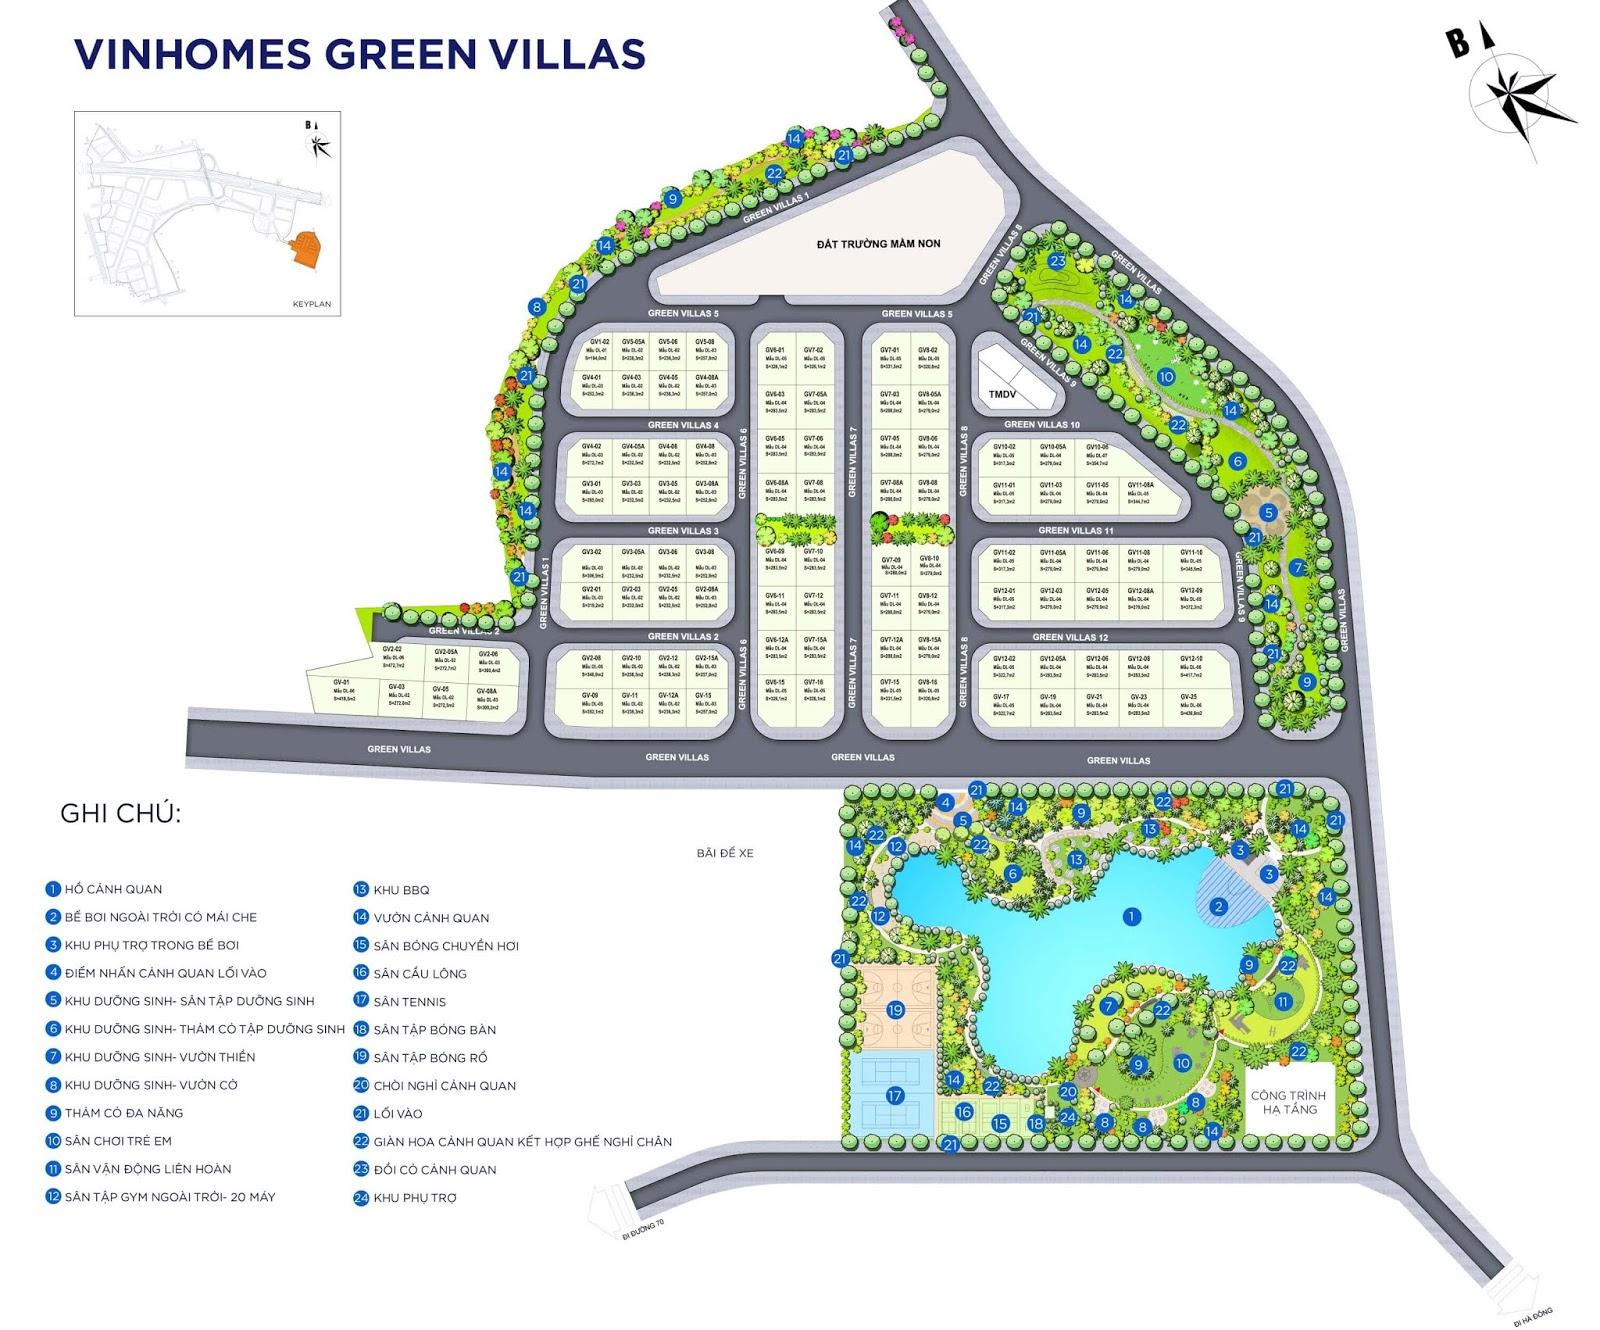 Mặt bằng điển hình Vinhomes Green Villas